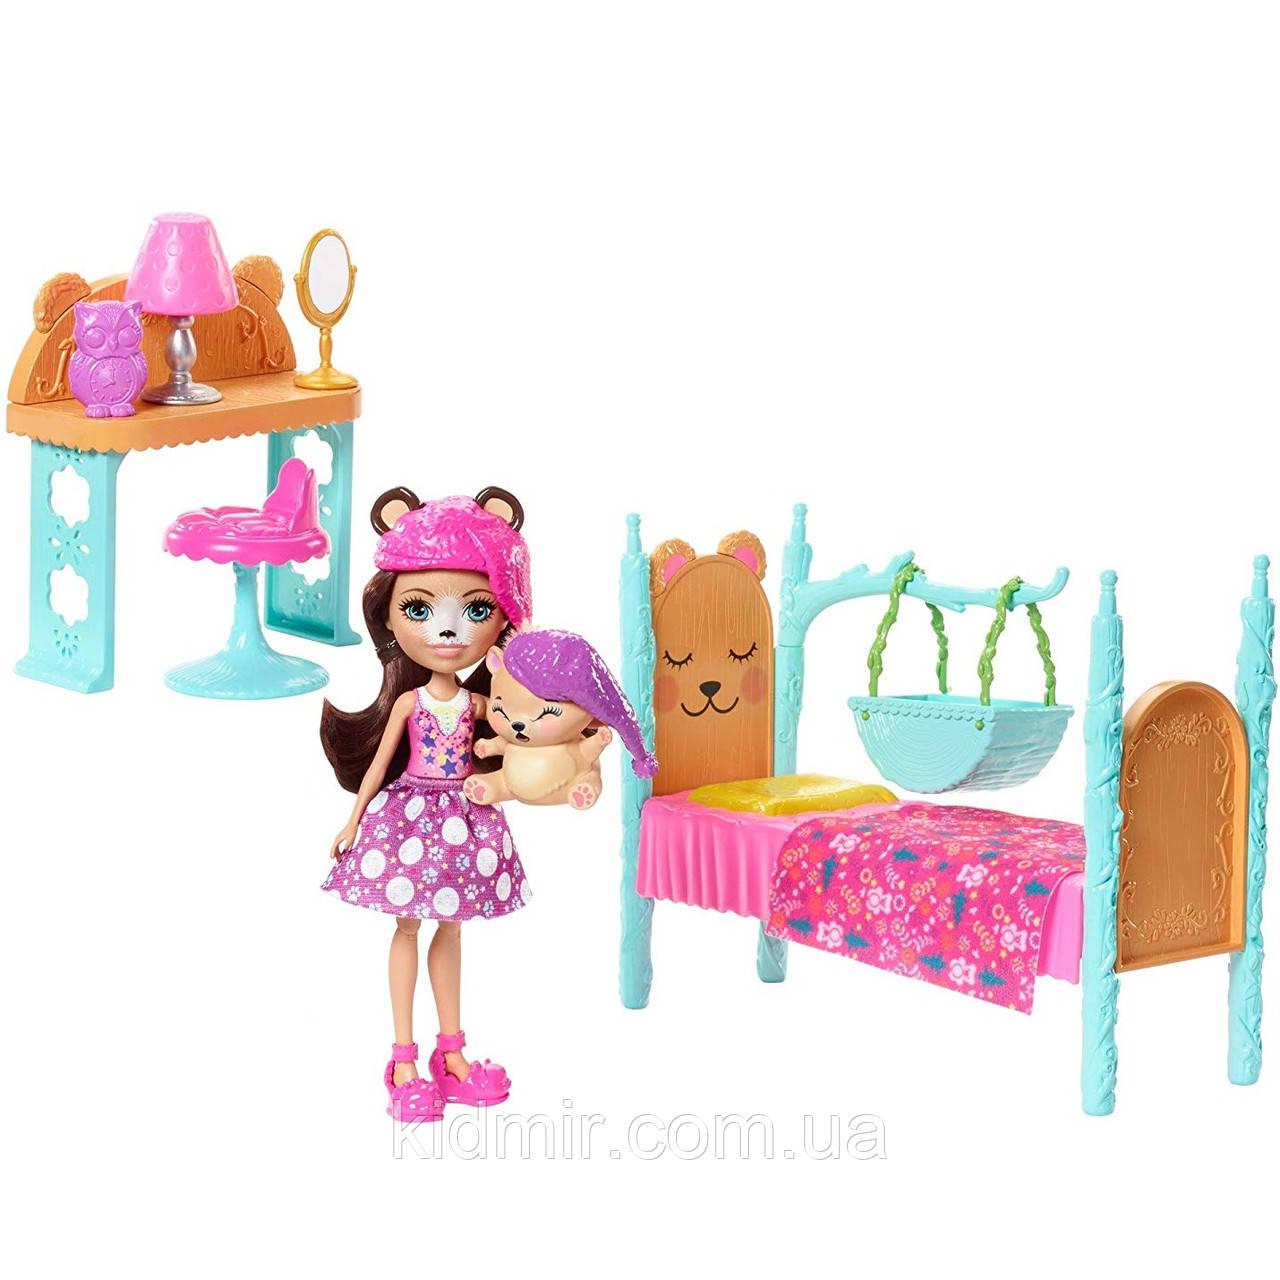 Набор Enchantimals Спальня мечты и кукла Брен Медведь FRH46